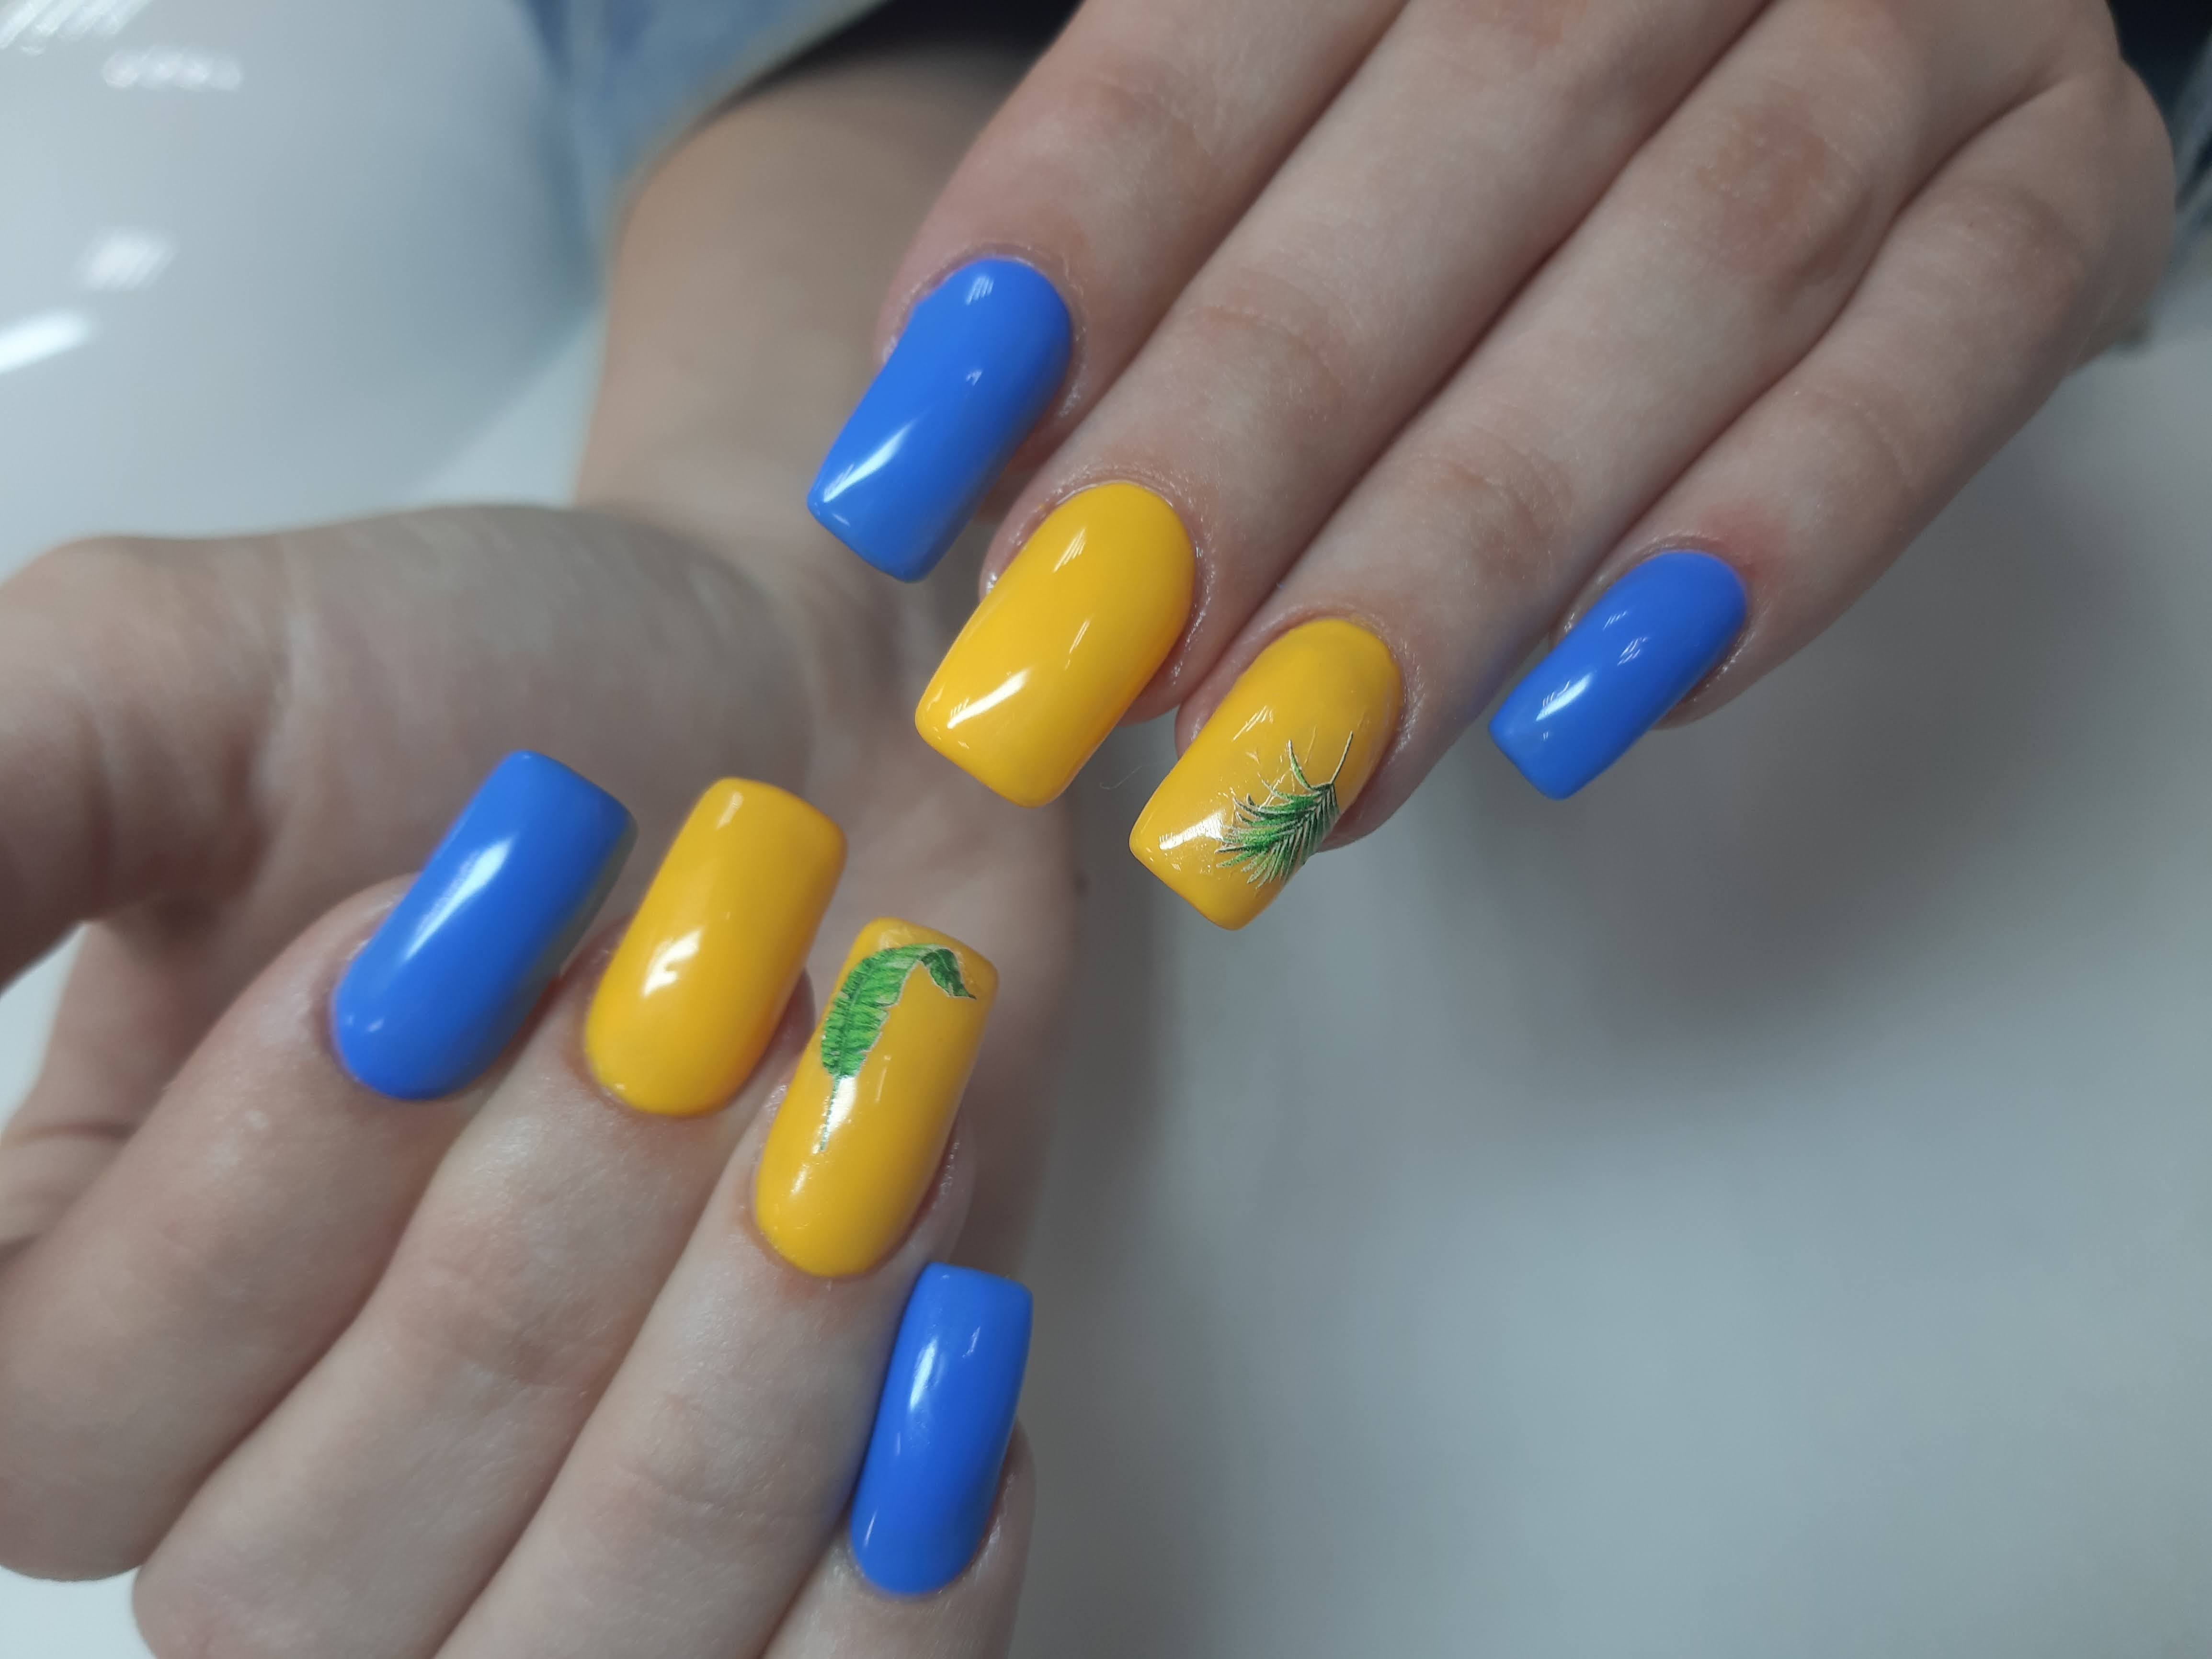 Разноцветный маникюр с растительными слайдерами на длинные ногти.